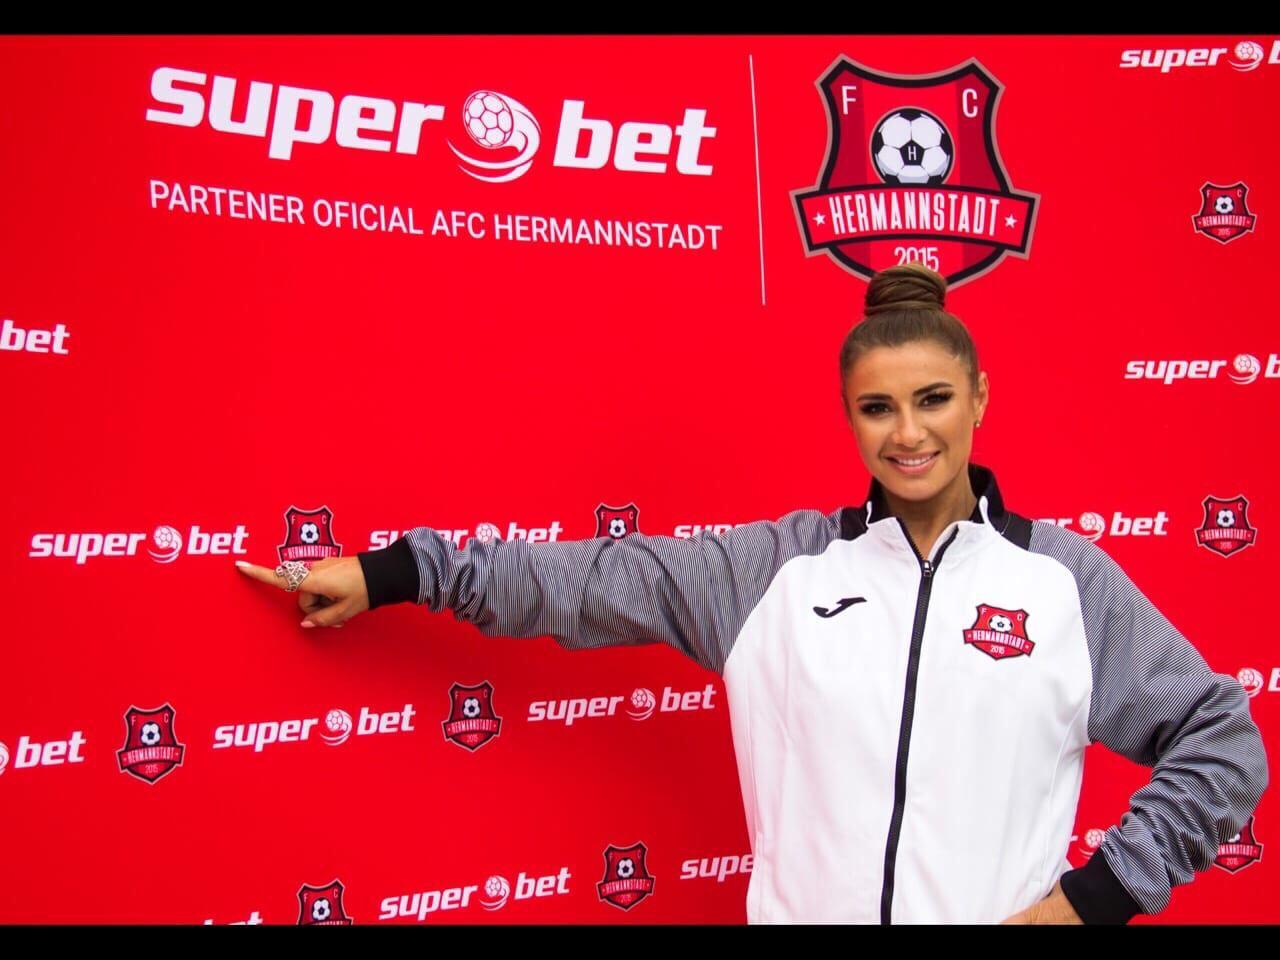 Superbet devine noul sponsor oficial al A.F.C. Hermannstadt